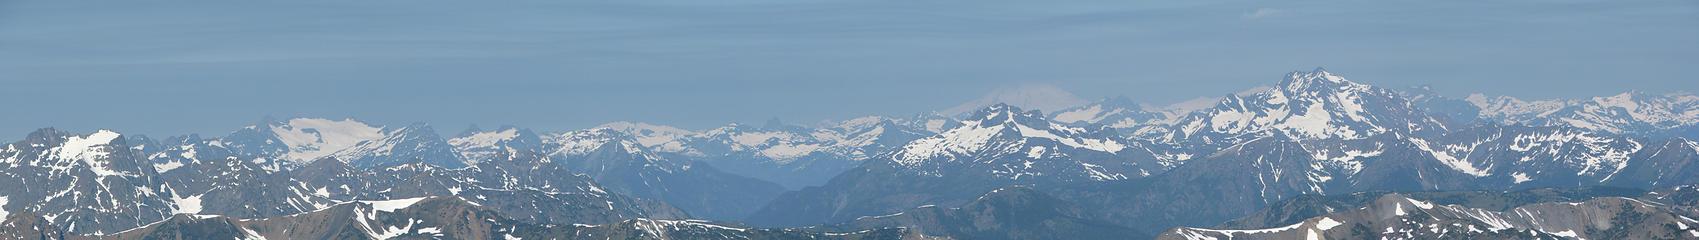 Cascades 7